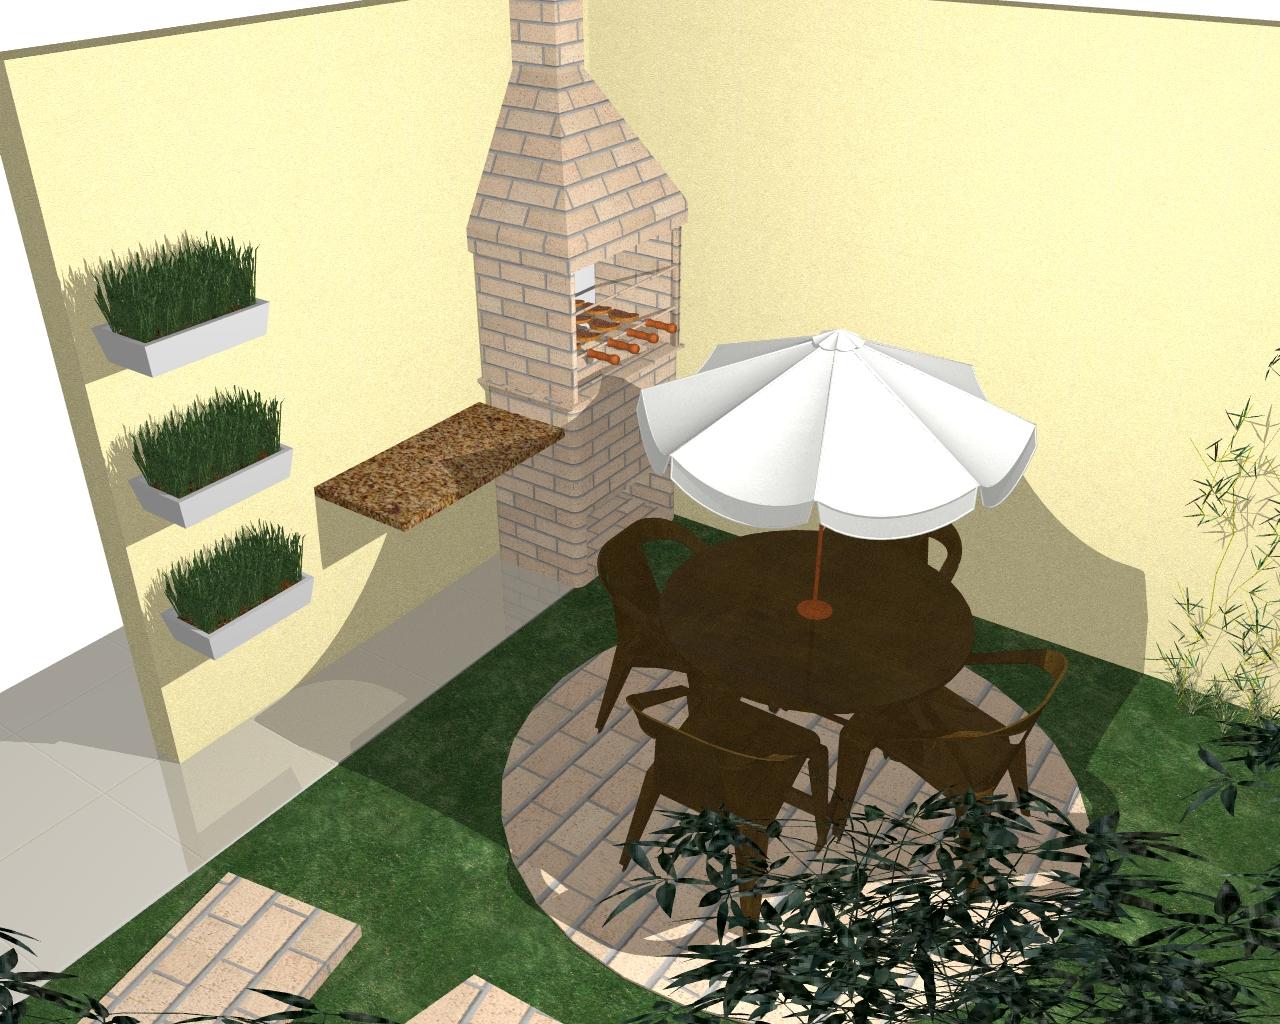 fotos jardins pequenos residenciais:Colado ao muro imaginei Orquidea Bambu, com canteiros de barba de